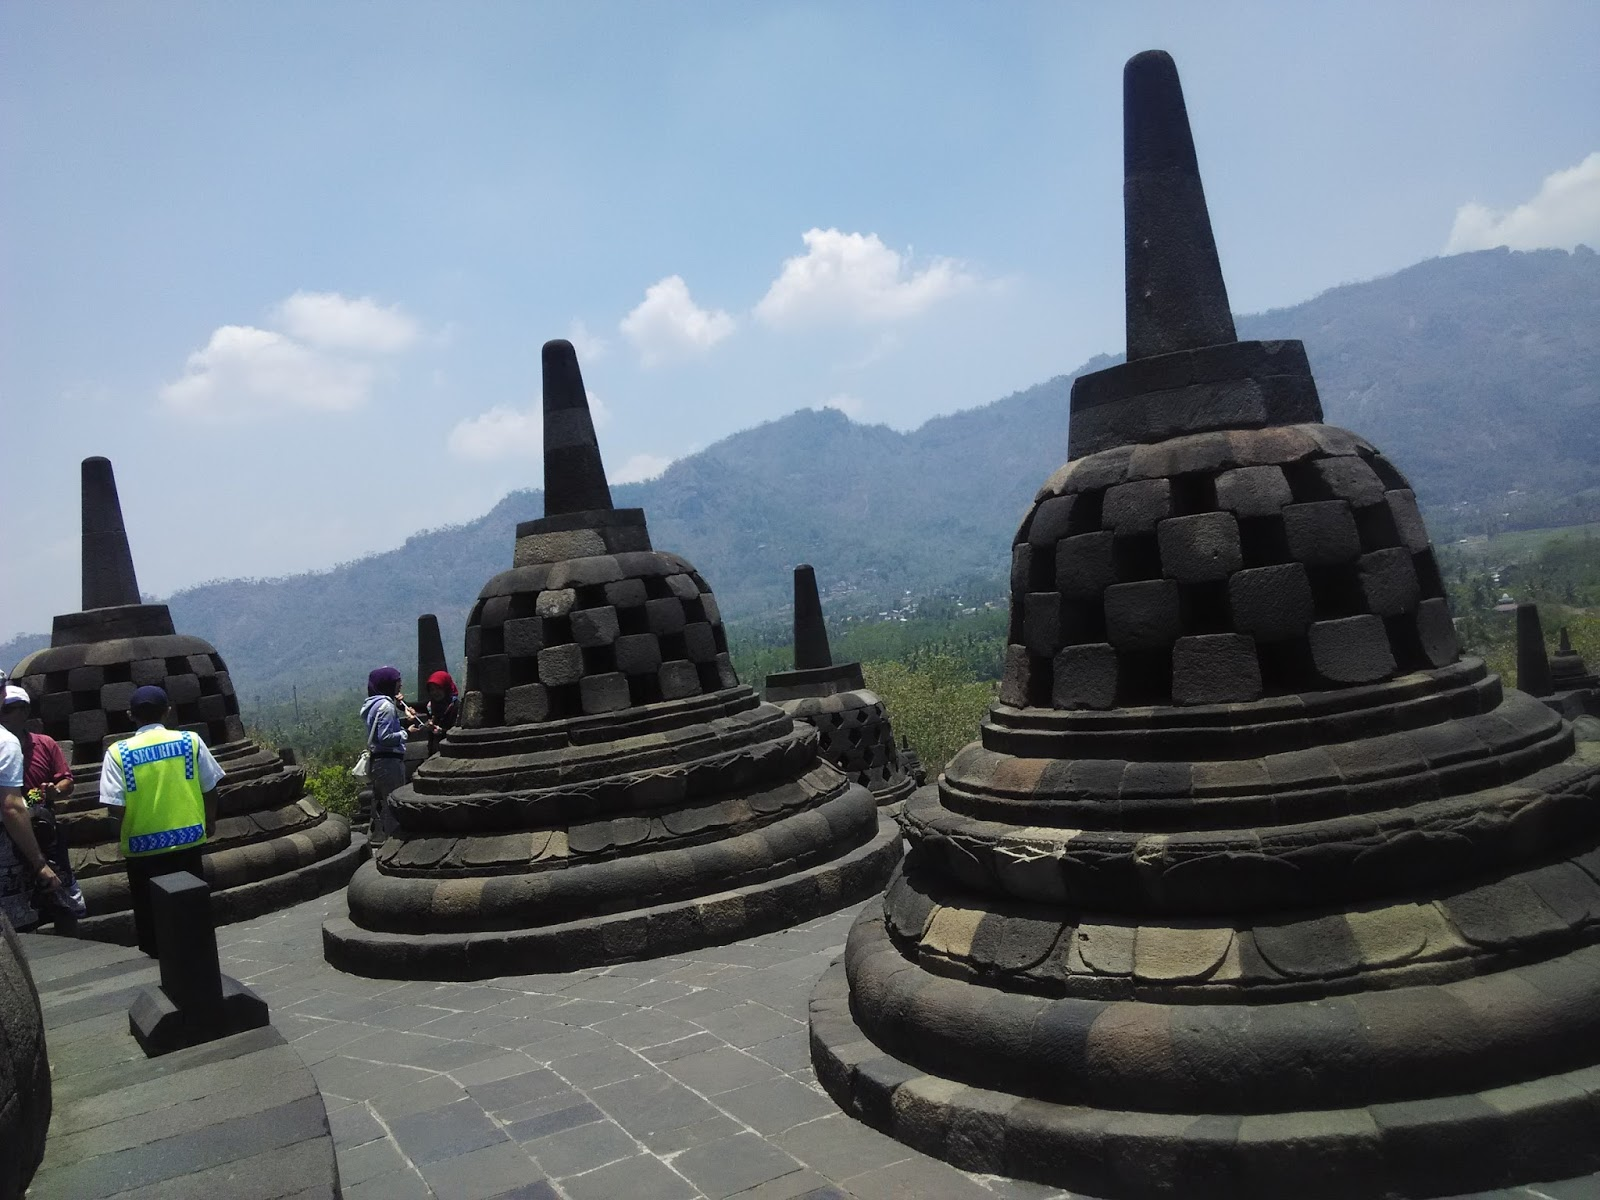 Gambar Sketsa Candi Borobudur Yang Gampang